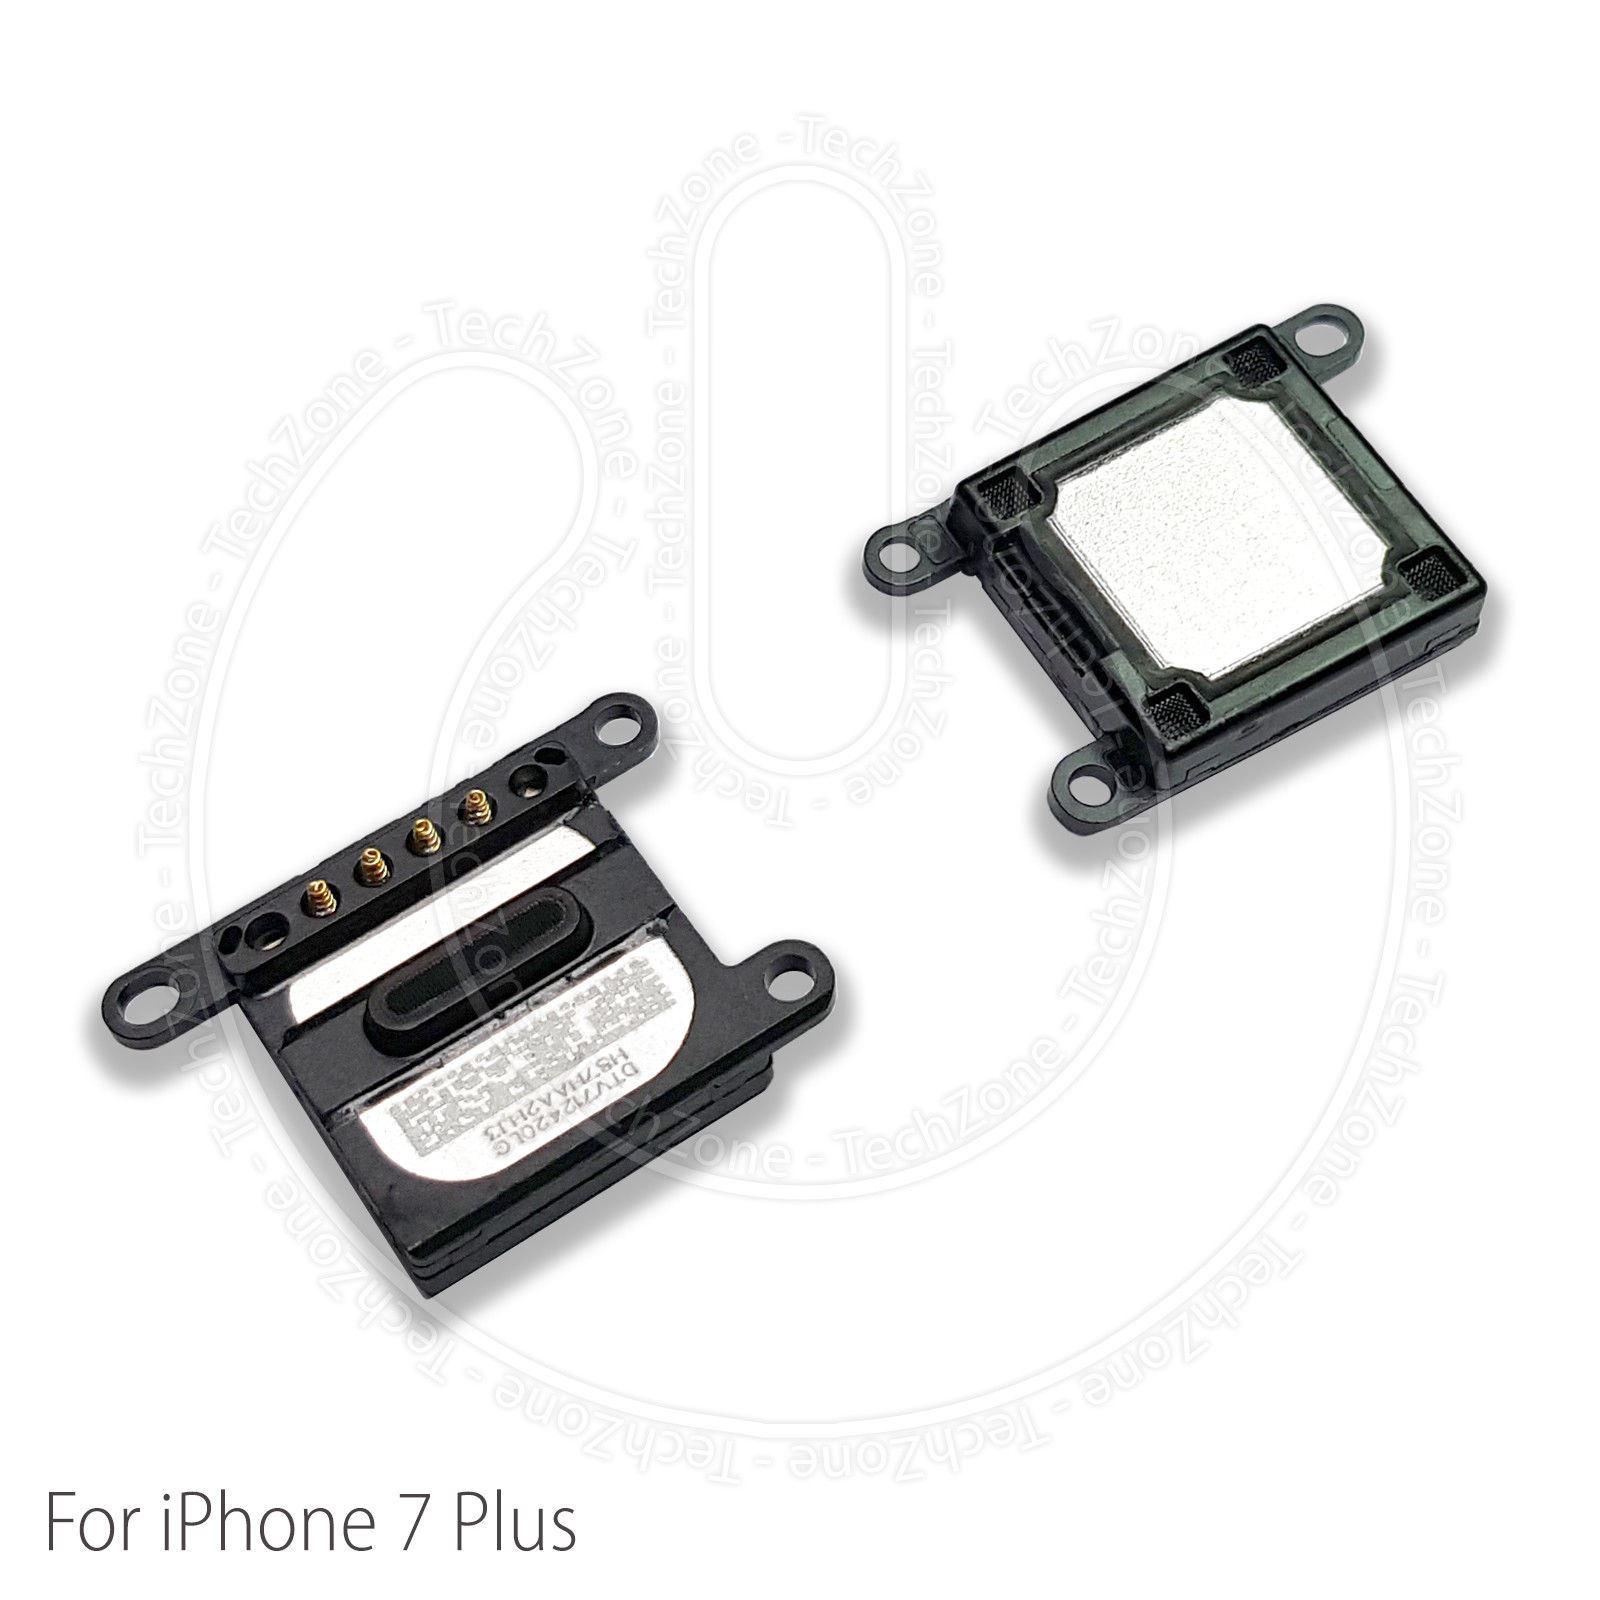 07f410ce1c7 Interno altavoz auricular ear speaker para iPhone 7 Plus 5.5